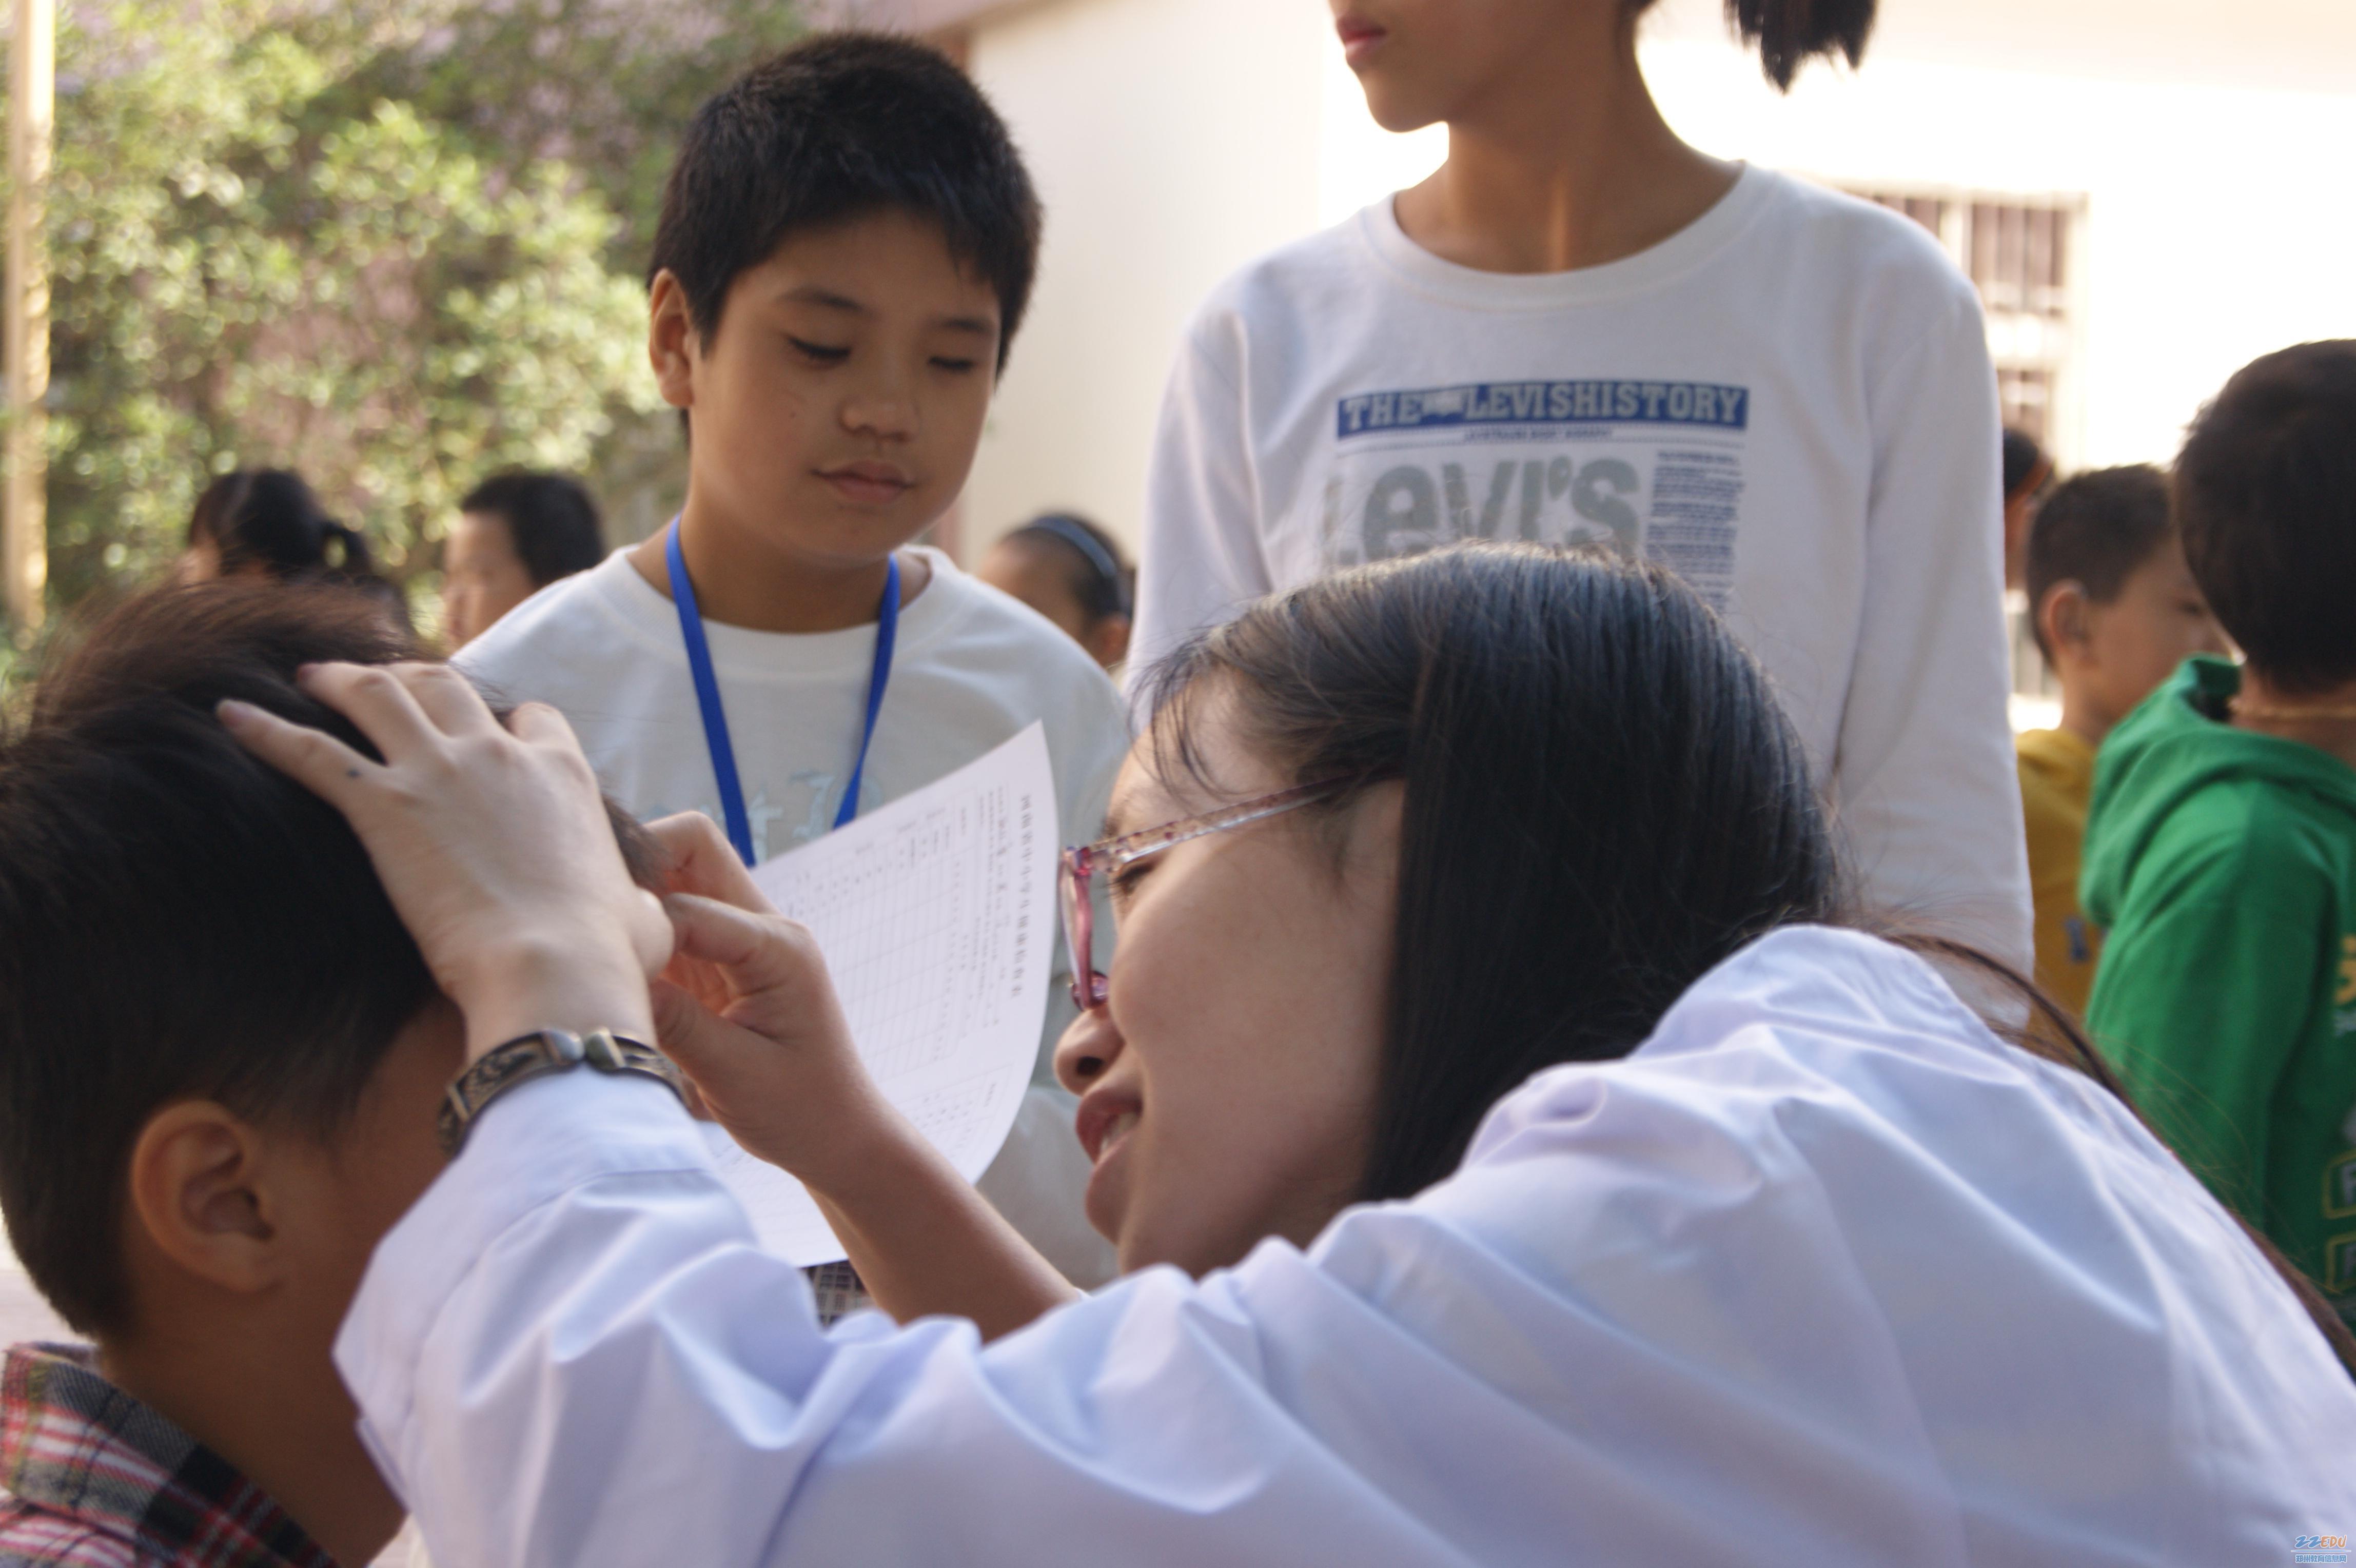 我们 责任/检查视力时,医护人员尤为认真。